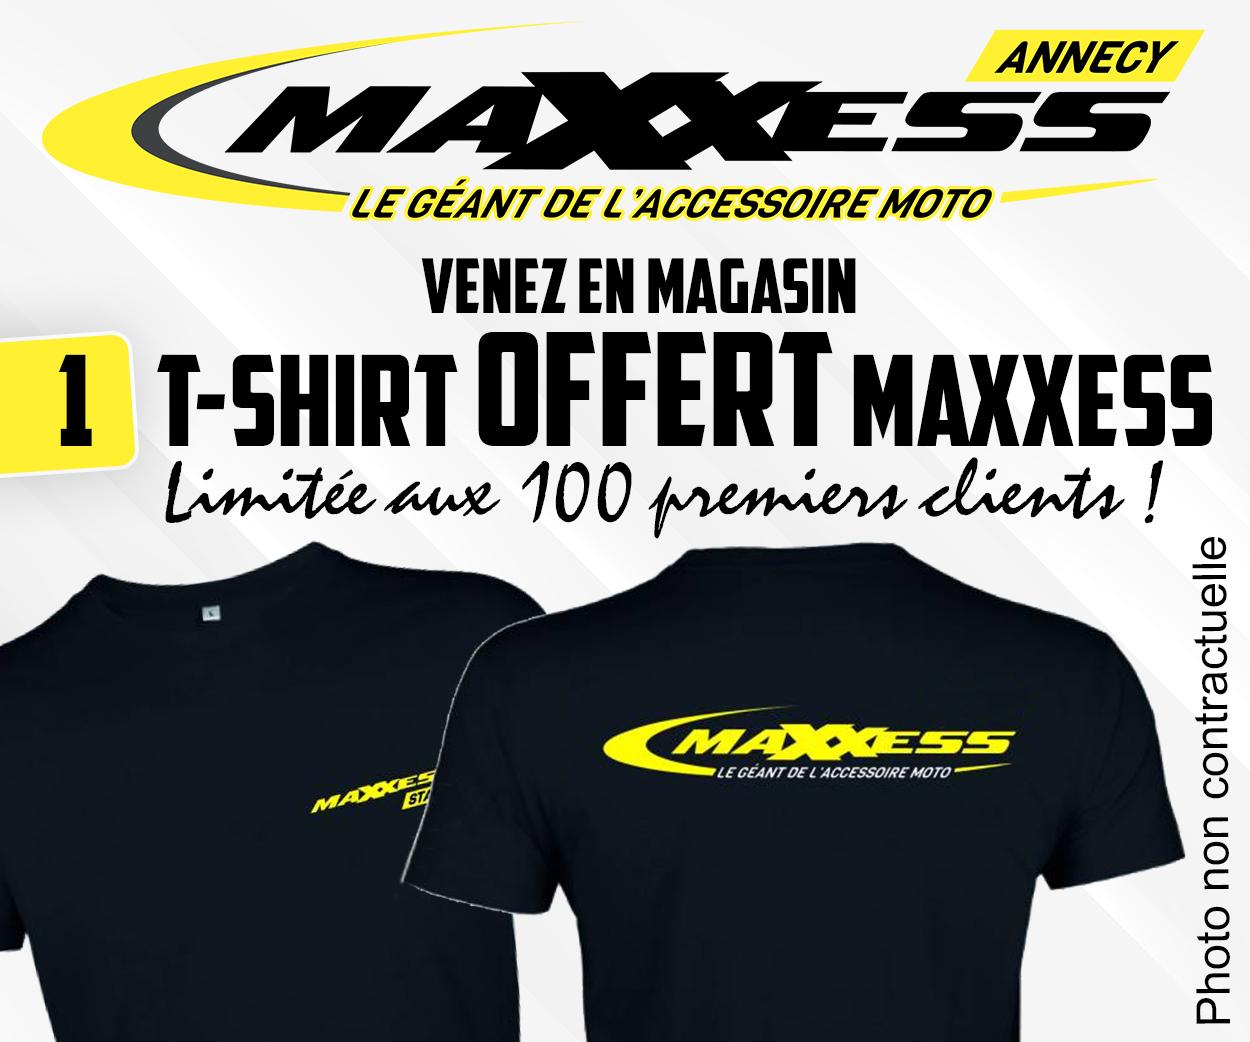 MAXXESS ANNECY / UN CADEAU OFFERT !